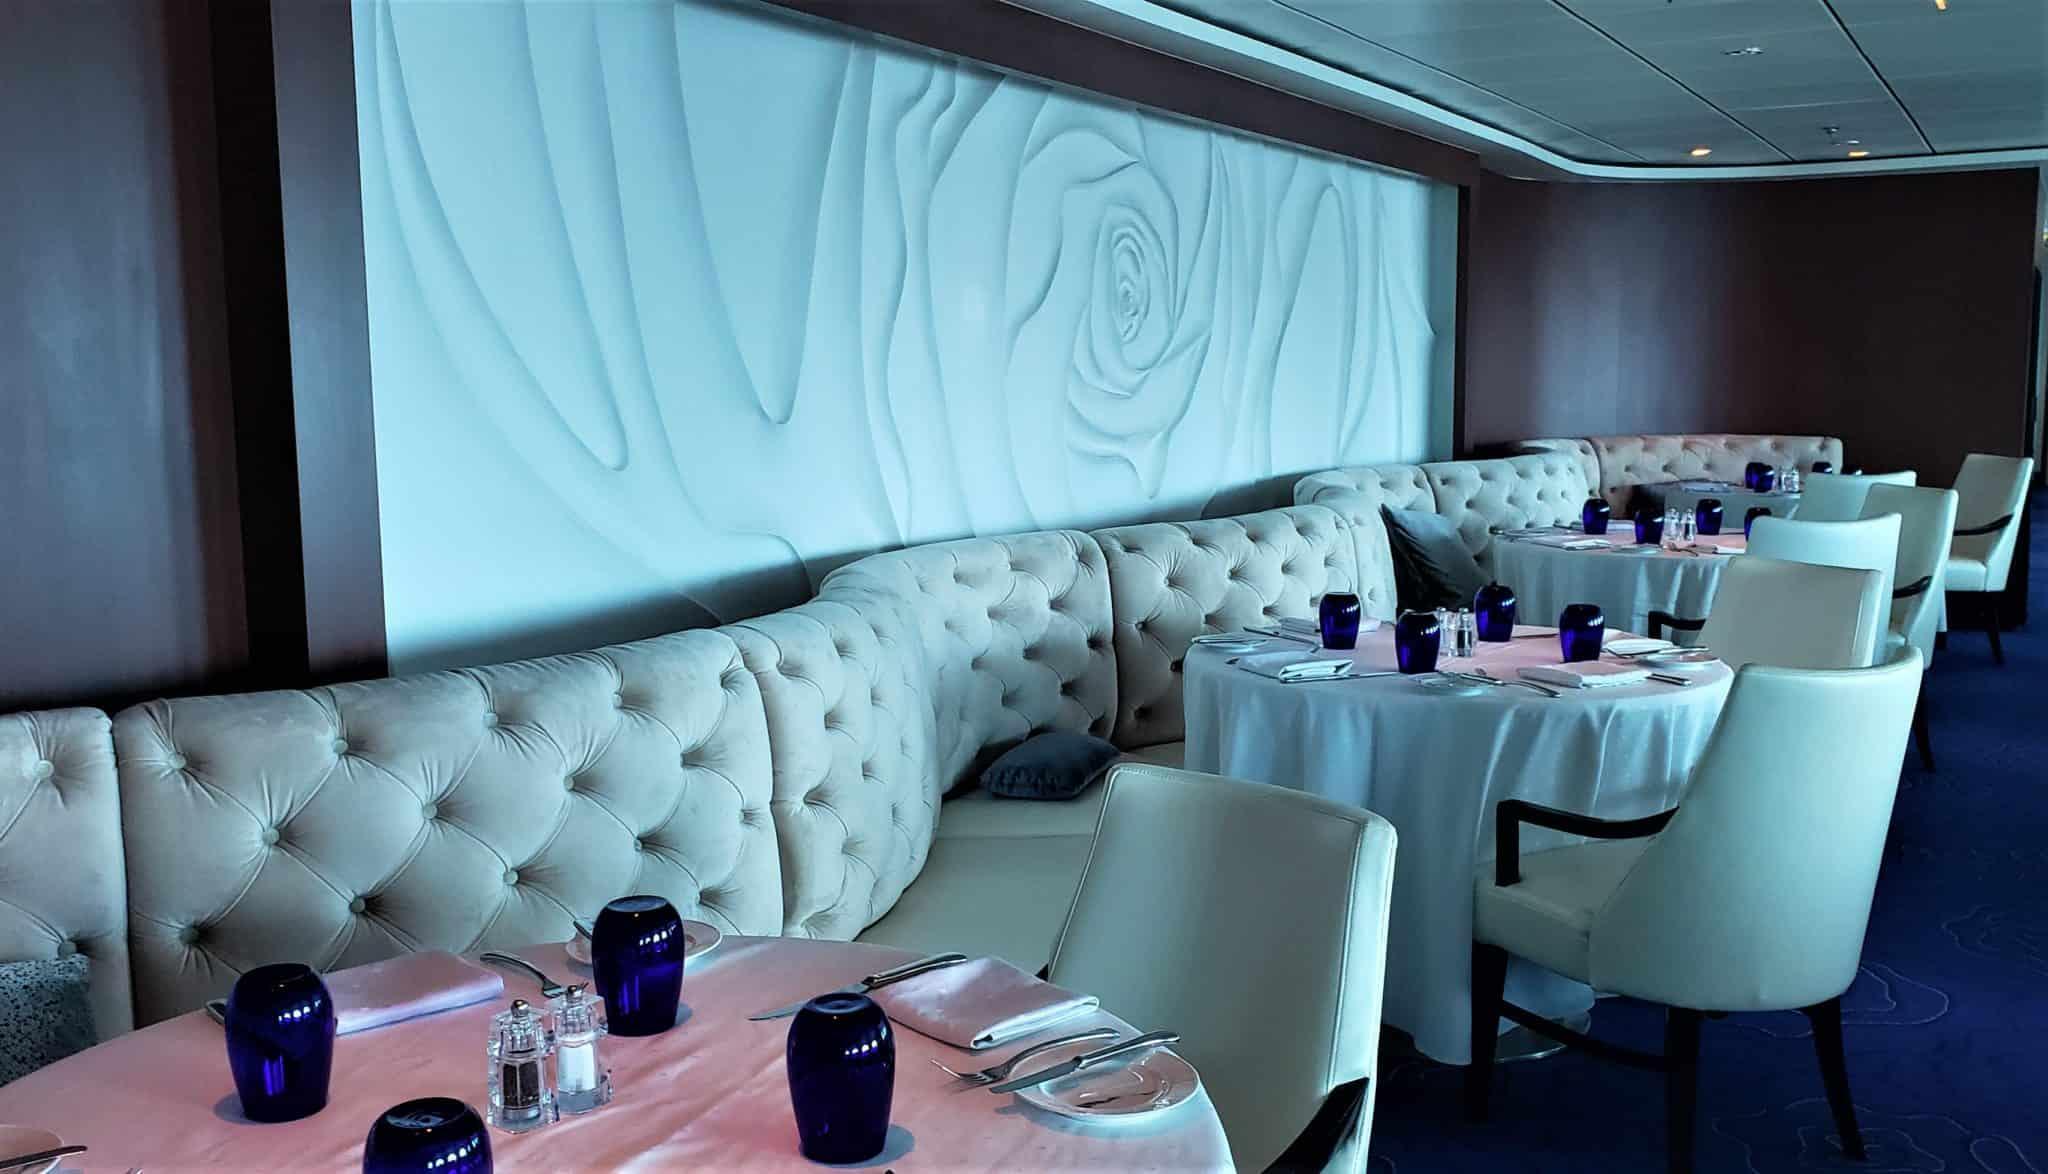 blu restaurant celebrity millennium susan young